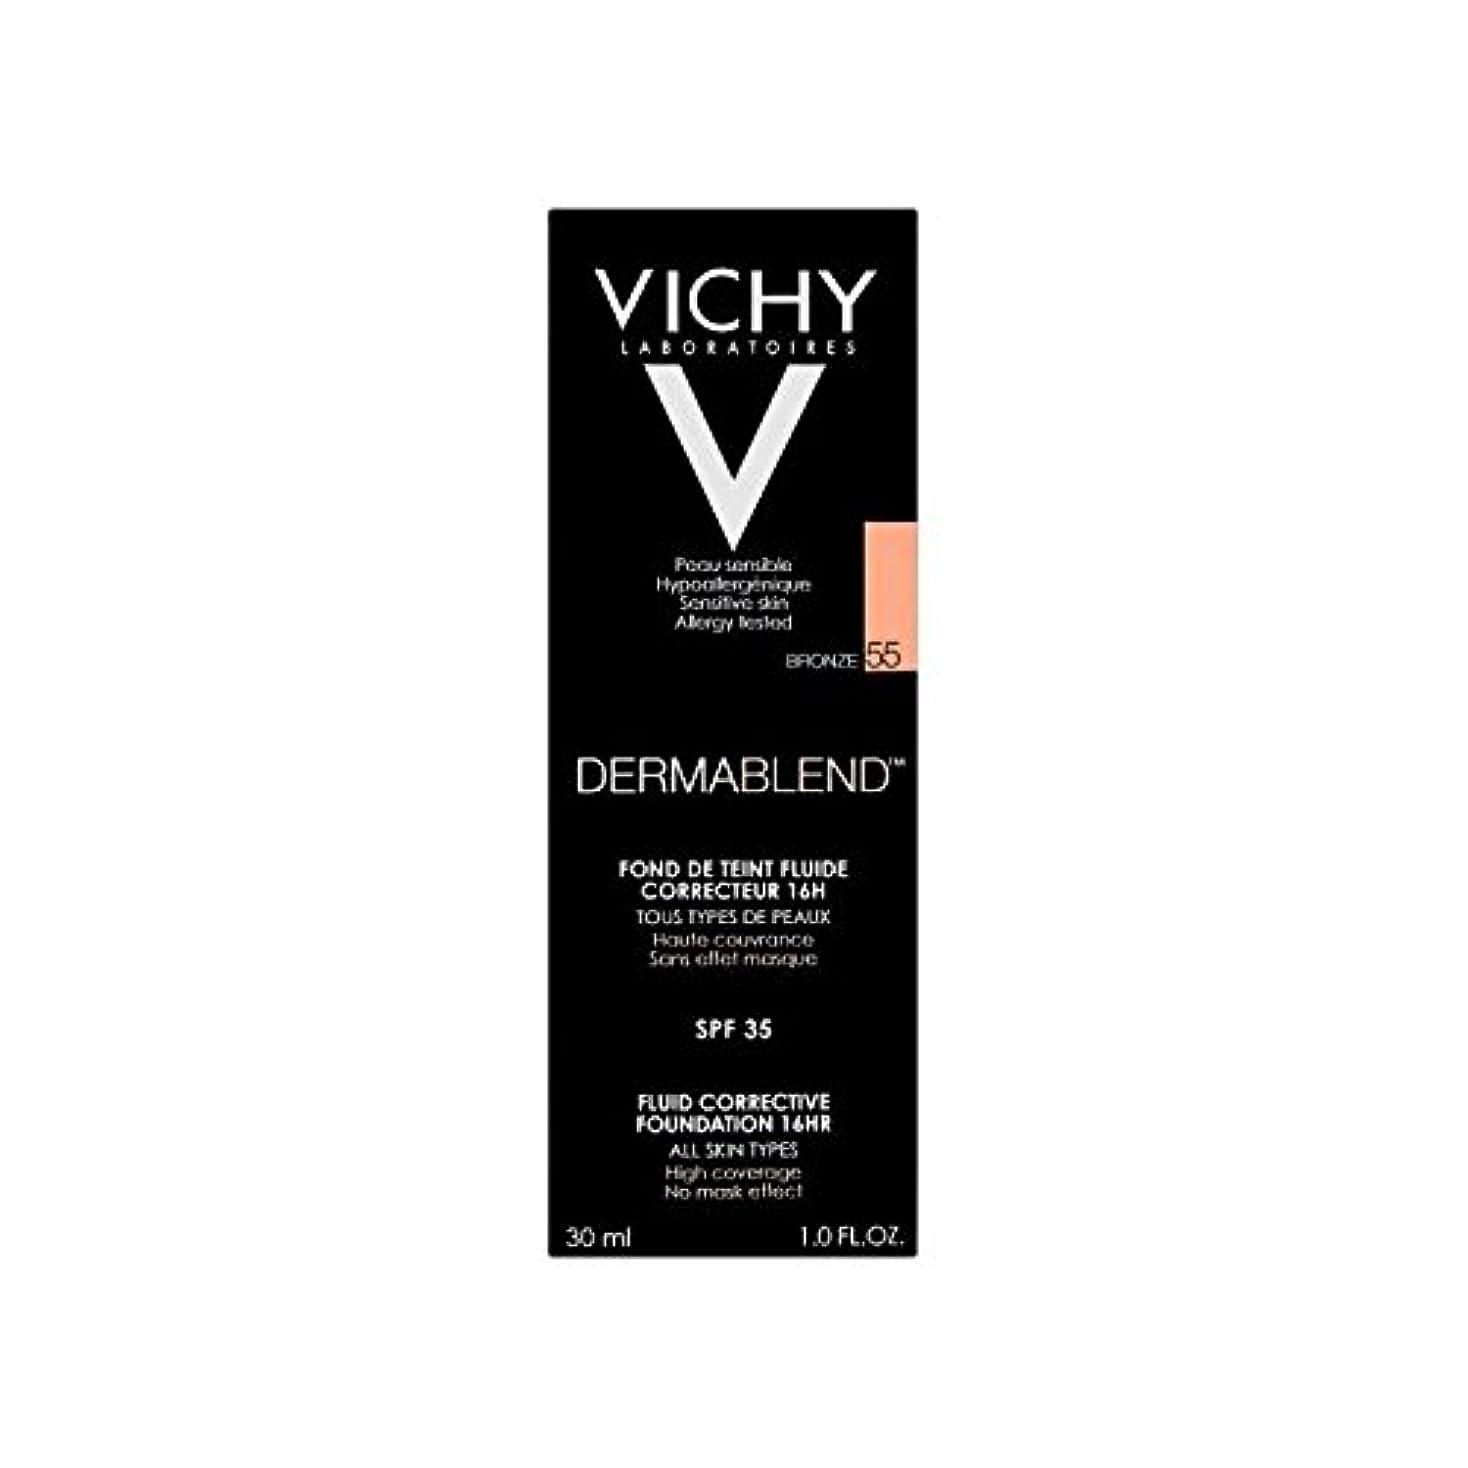 個人アンビエント到着ヴィシー是正流体の基礎30ミリリットル青銅55 x2 - Vichy Dermablend Corrective Fluid Foundation 30ml Bronze 55 (Pack of 2) [並行輸入品]